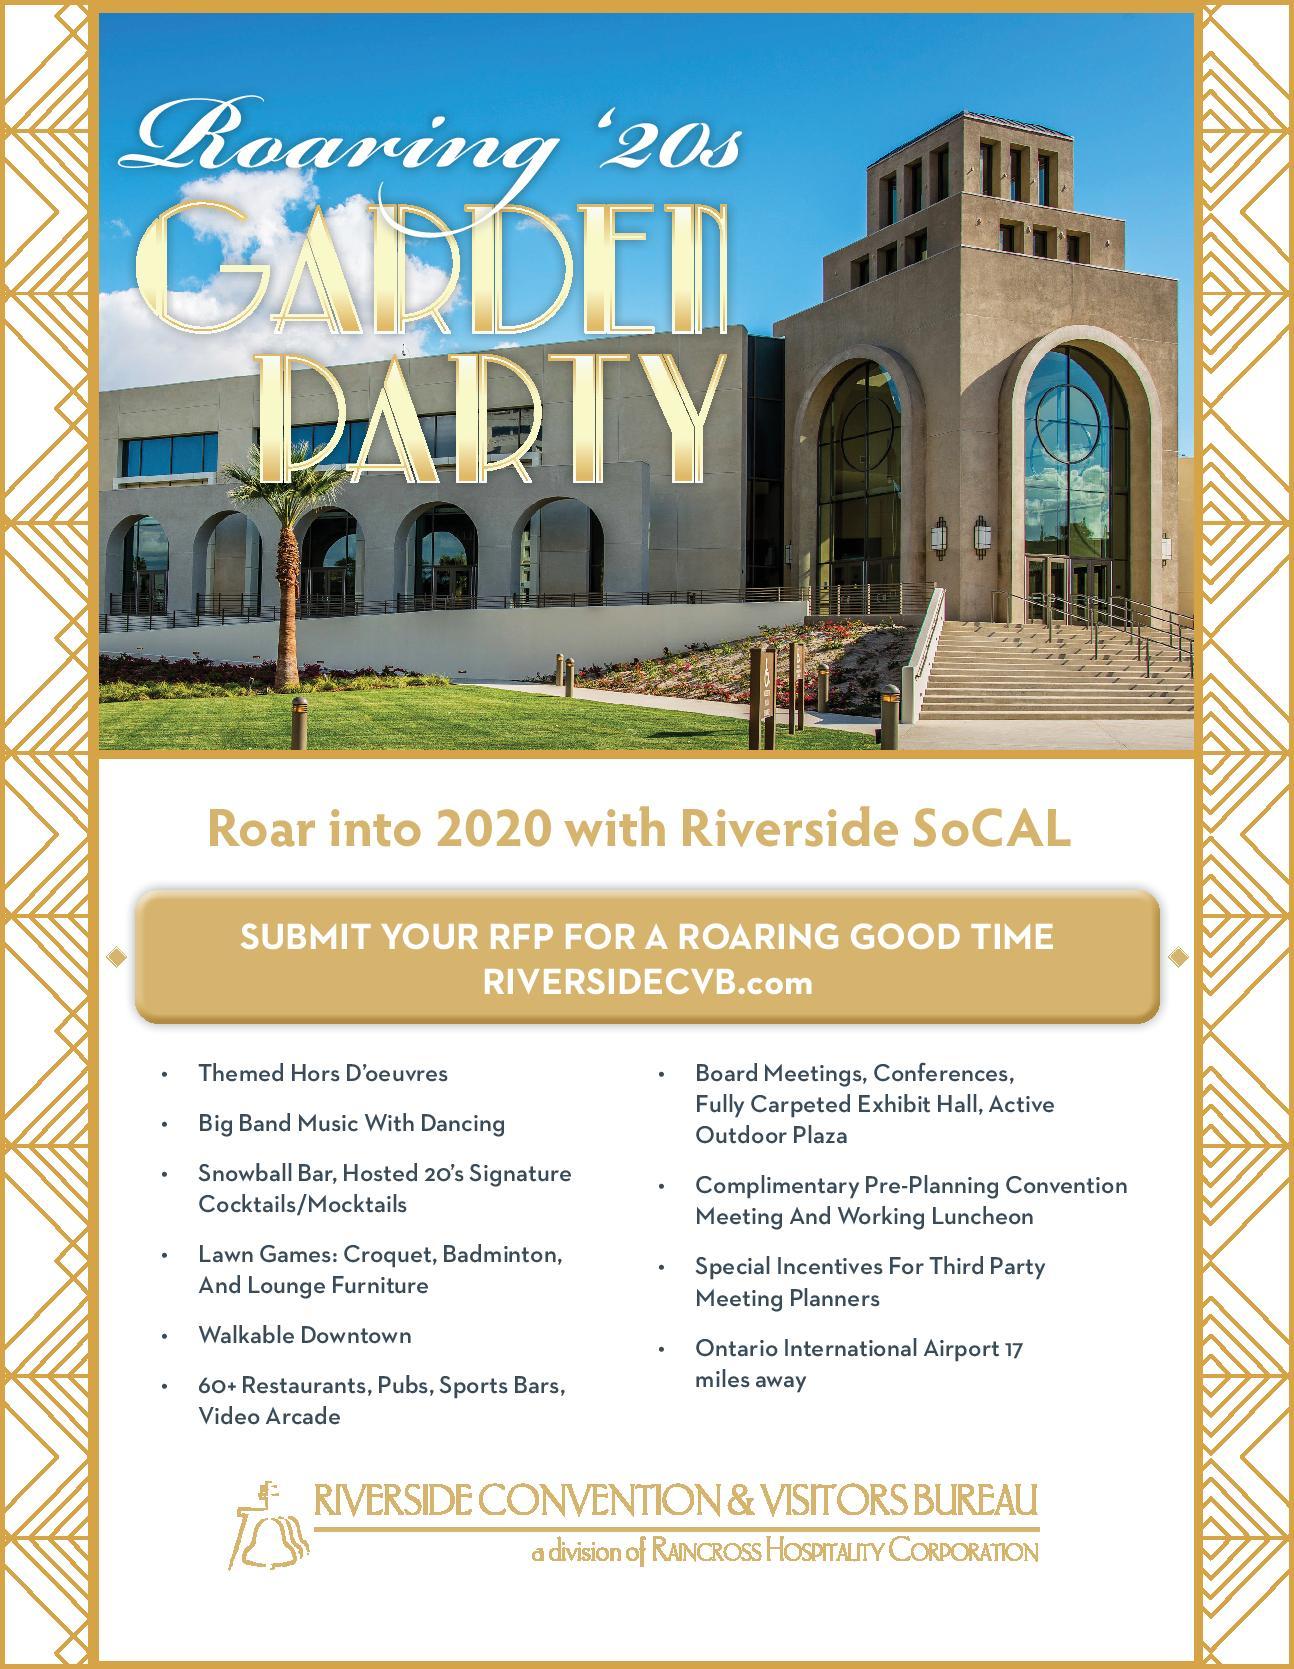 Roaring '20s Garden Party flyer